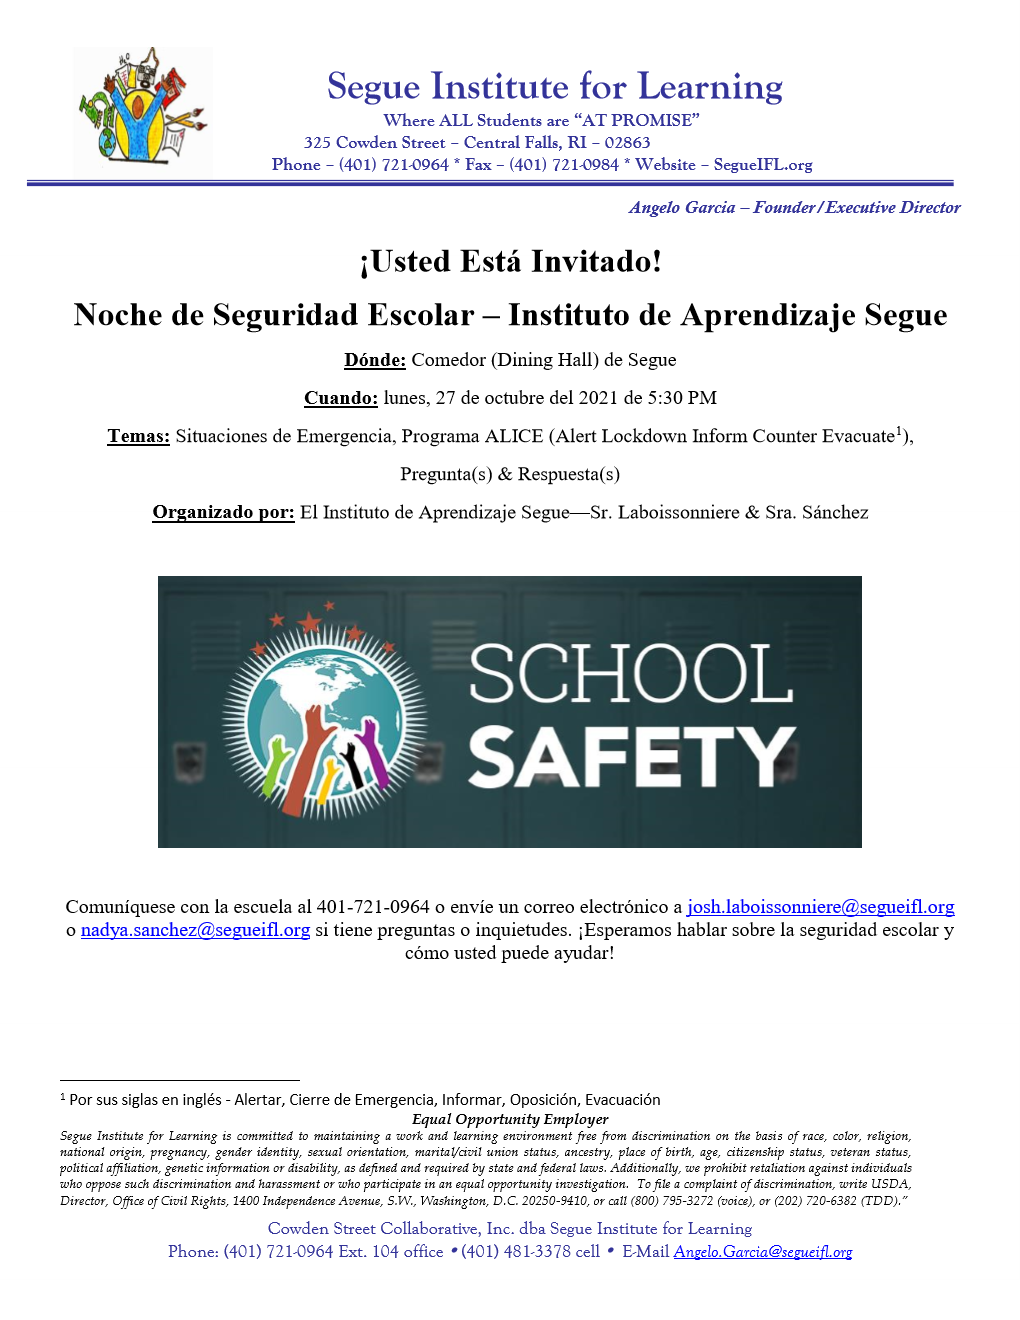 Noche de información sobre la seguridad escolar